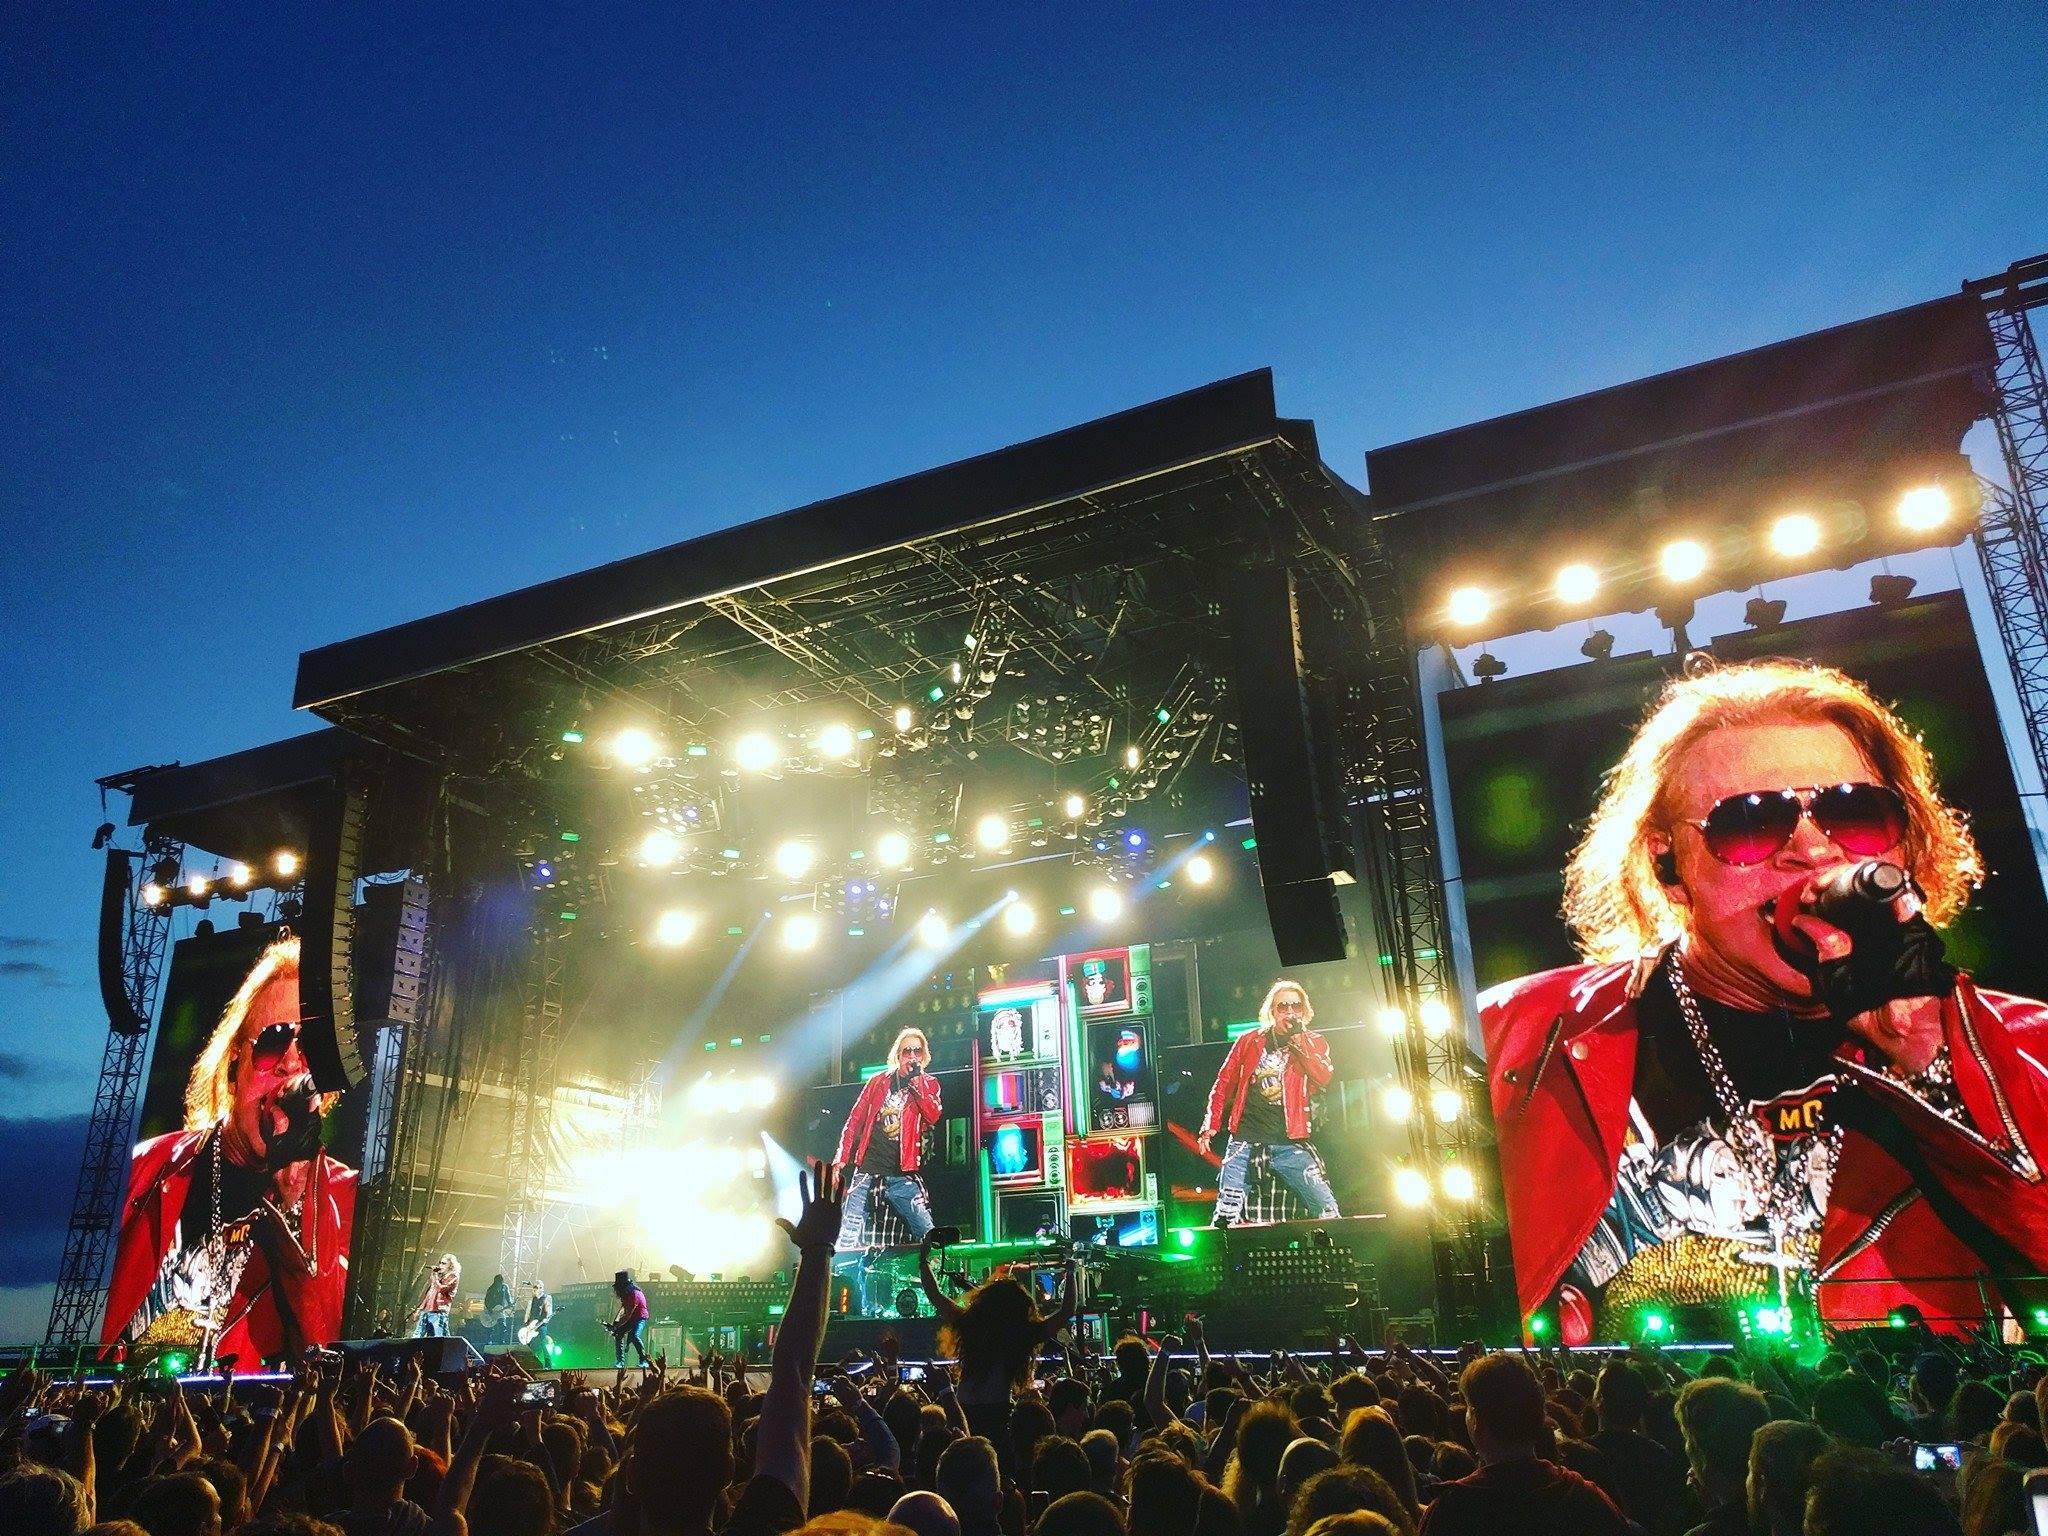 Guitarrista do Guns N' Roses revela planos para novo álbum do grupo